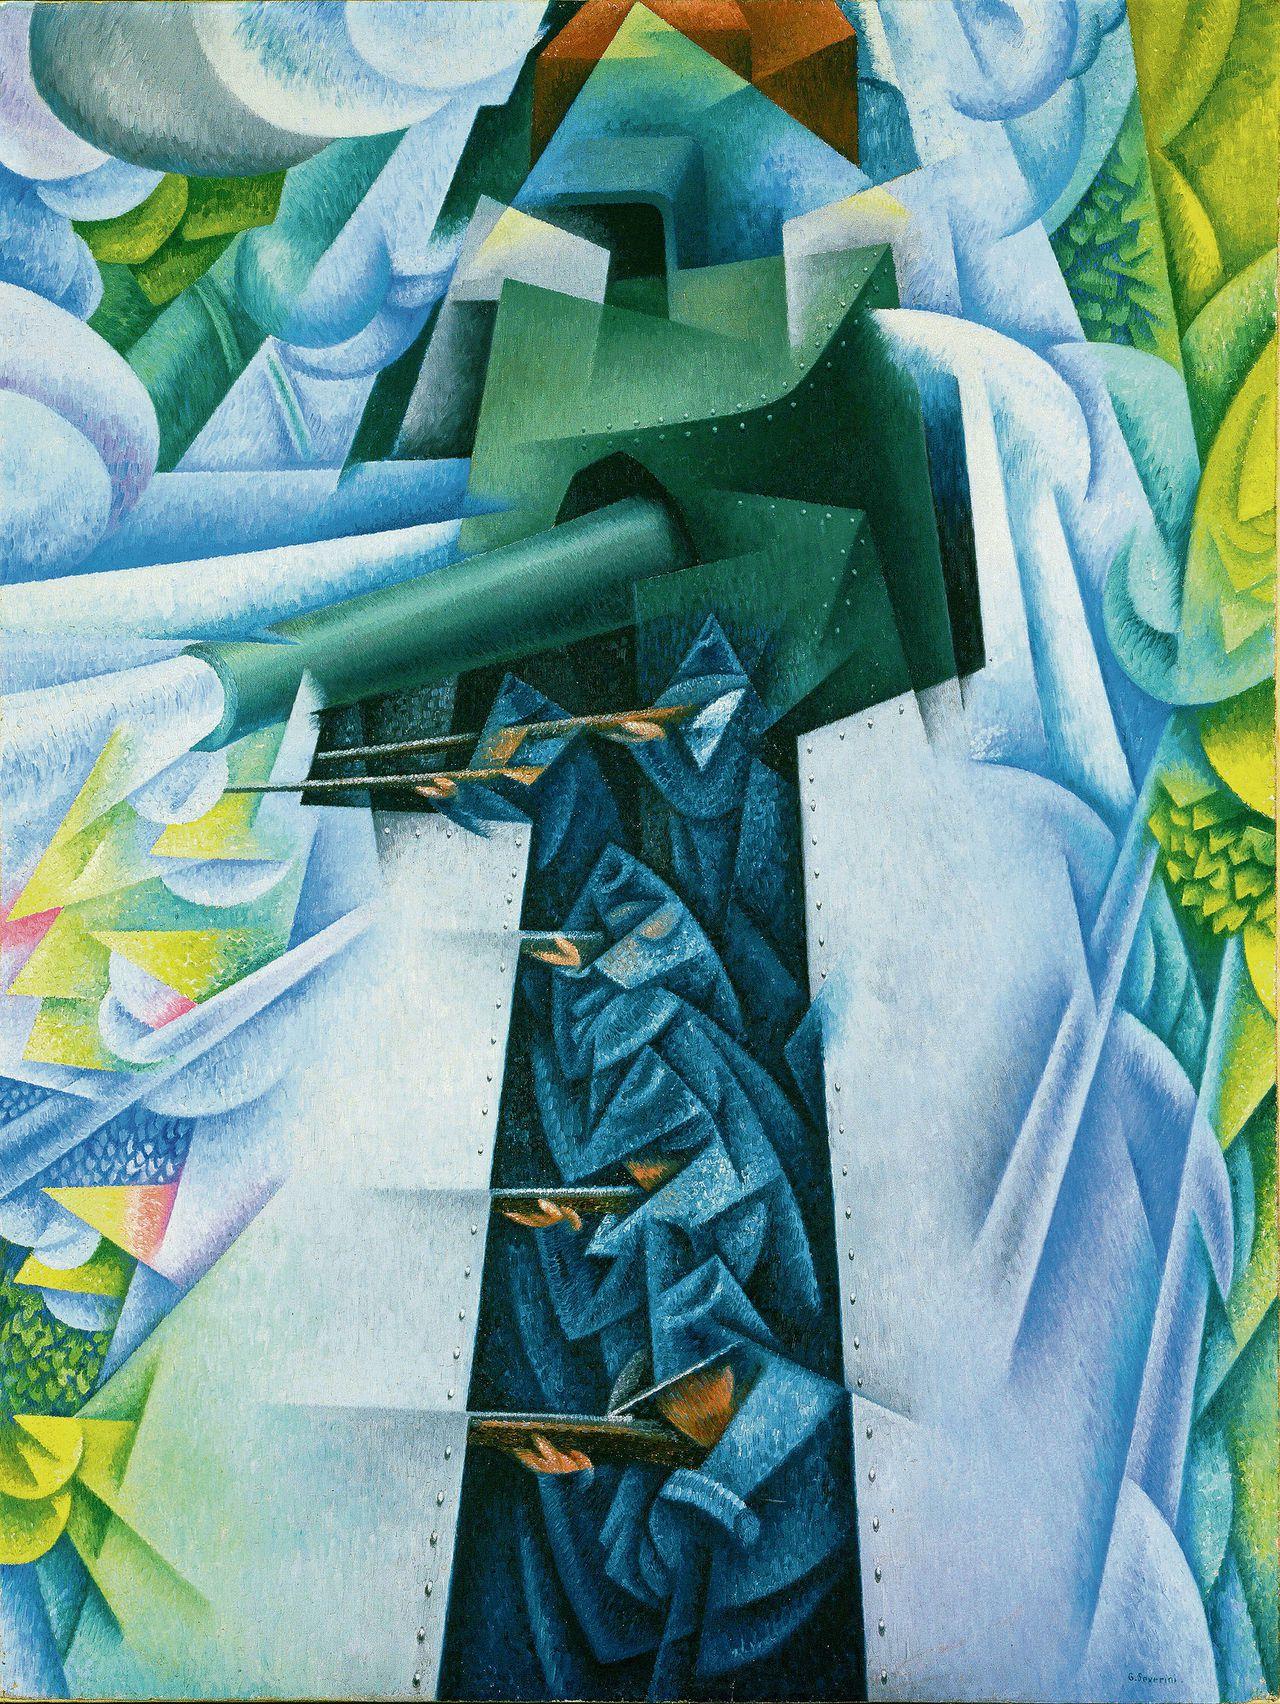 Bewapende trein, een schilderij (116 bij 88 cm) van de Italiaanse futurist Gino Severini (1883-1966)